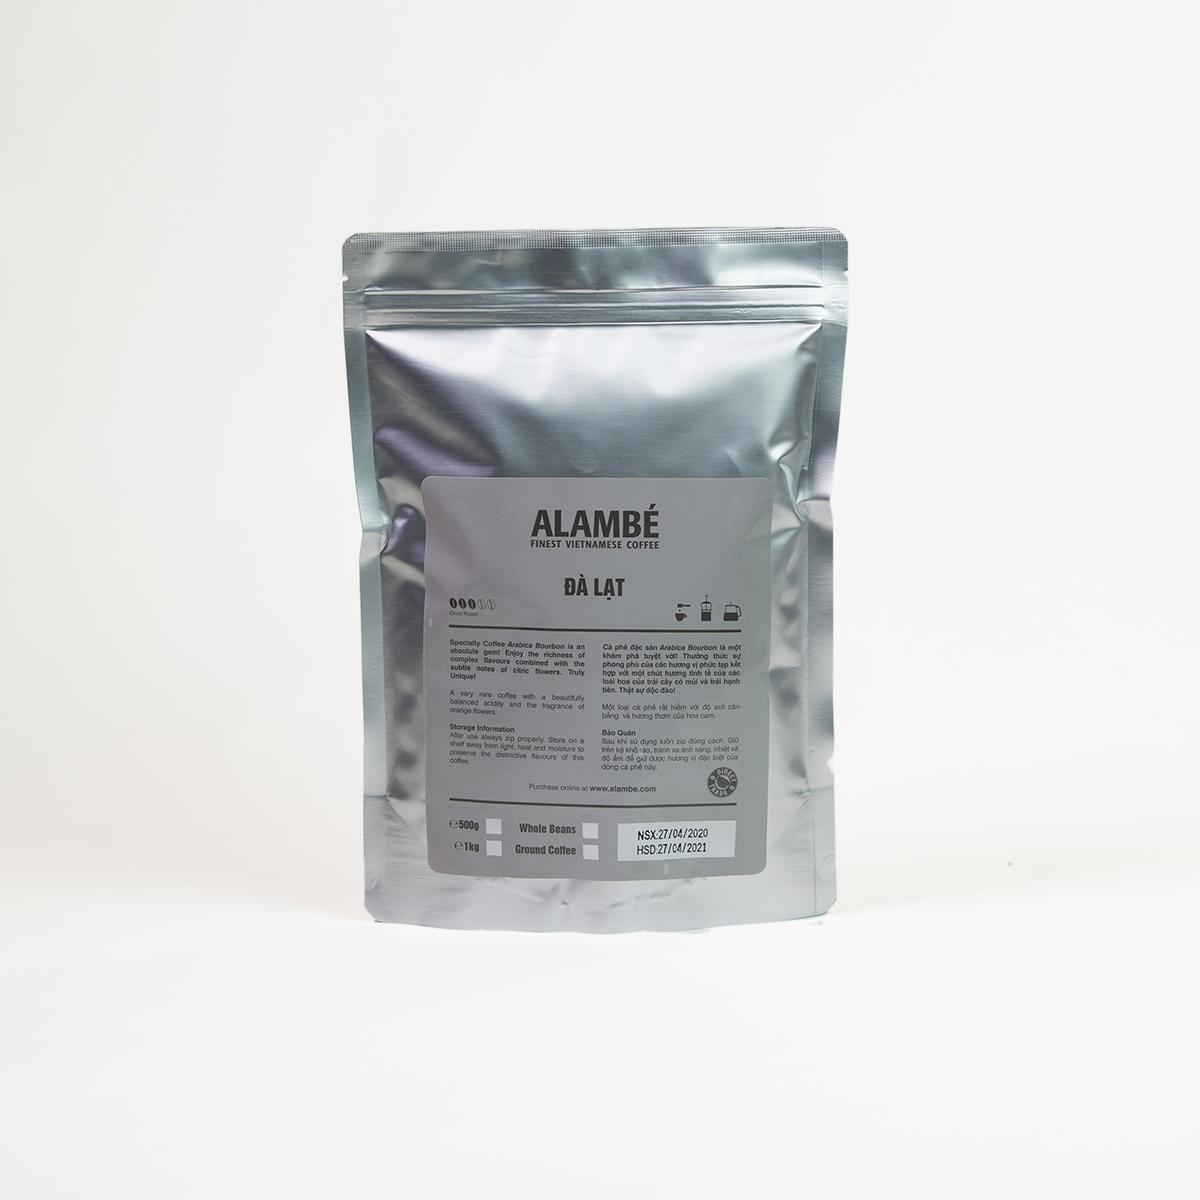 Cà phê nguyên hạt đặc biệt Đà Lạt ALAMBÉ 500g